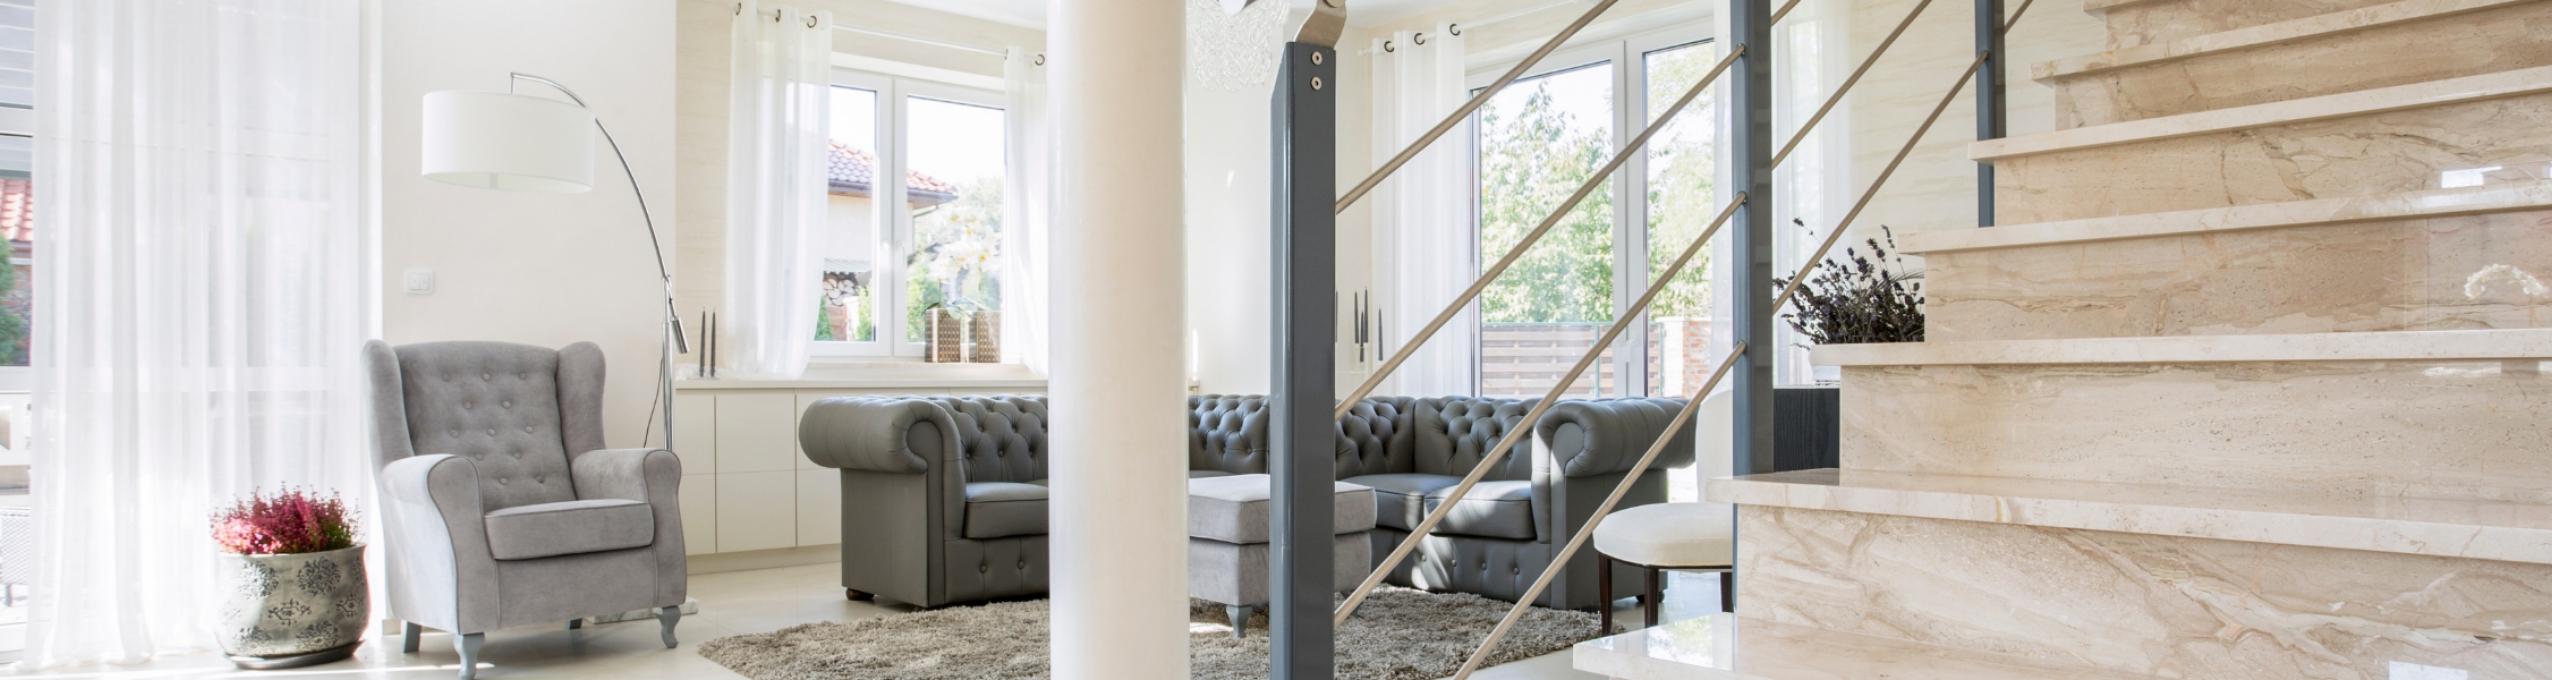 Modern home living room.